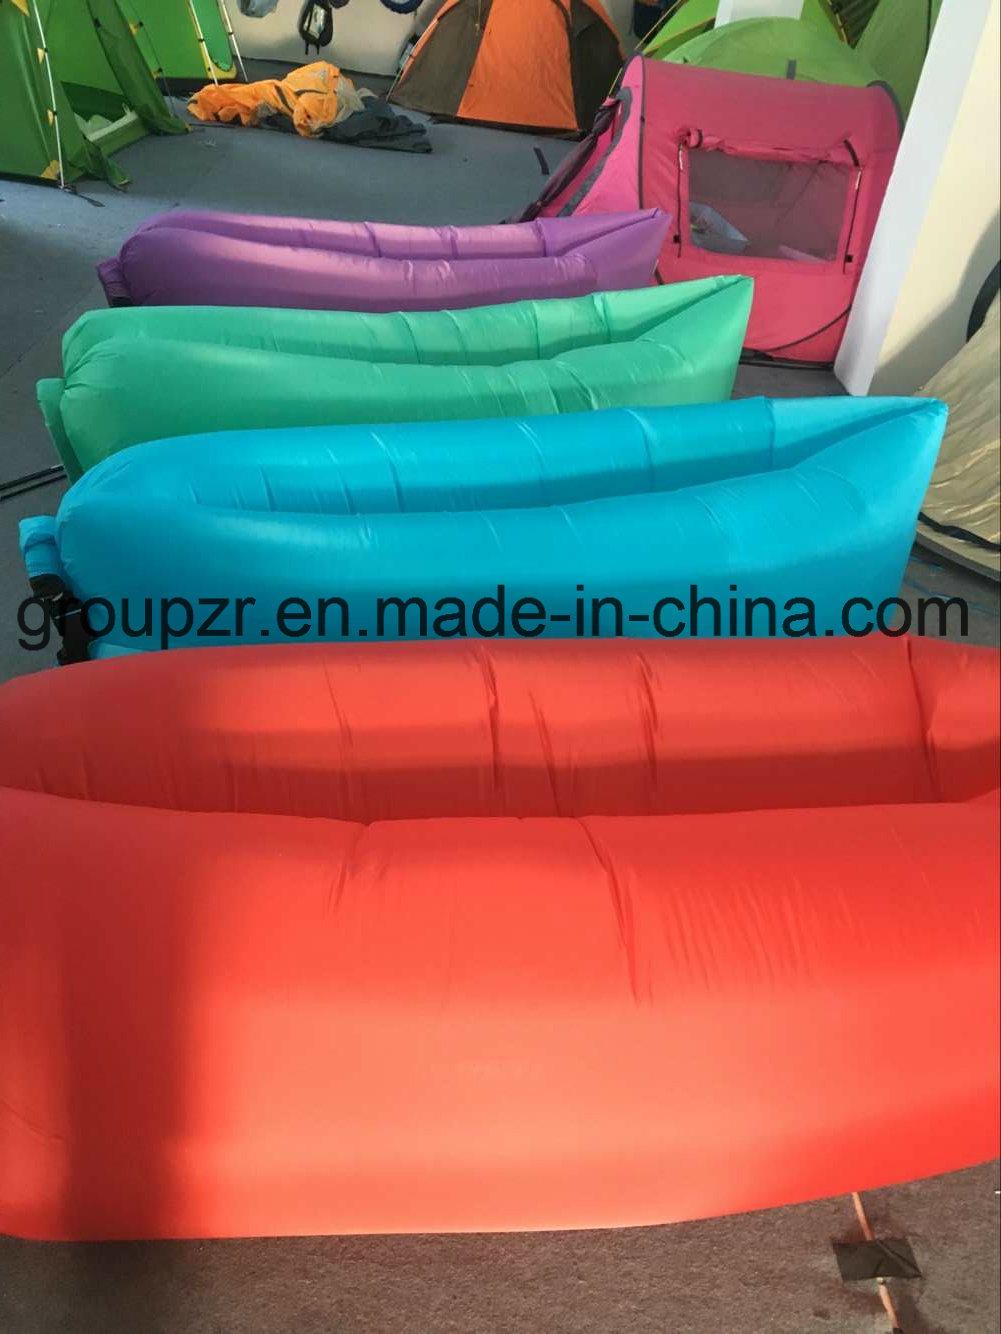 Inflatable Outdoor Sleepingbag Portable Lazy Air Sofa